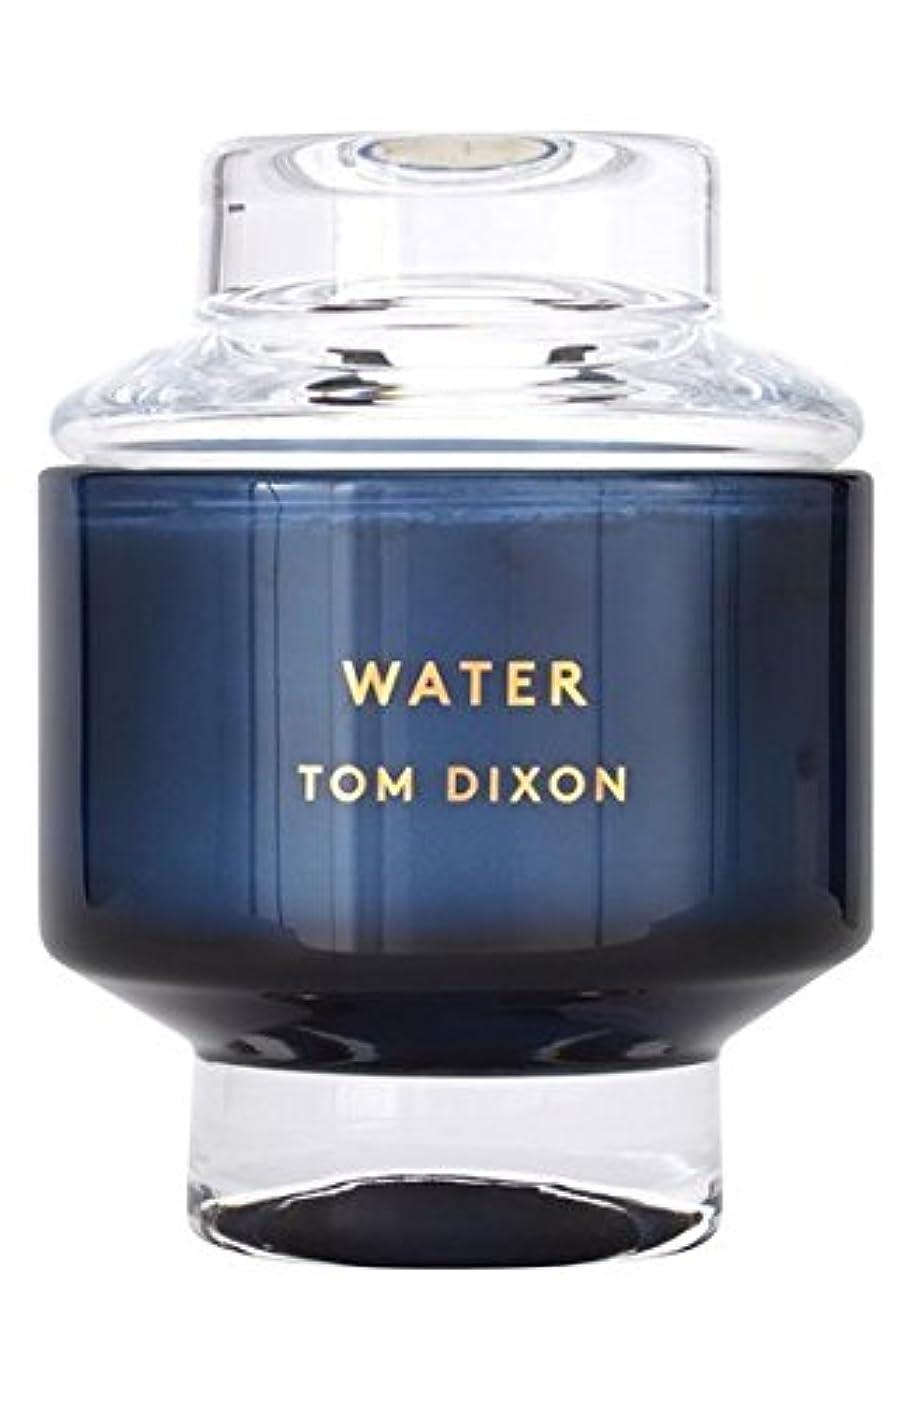 プロペラ導入する寄付Tom Dixon 'Water' Candle (トム ディクソン 'ウオーター' キャンドル中)Midium